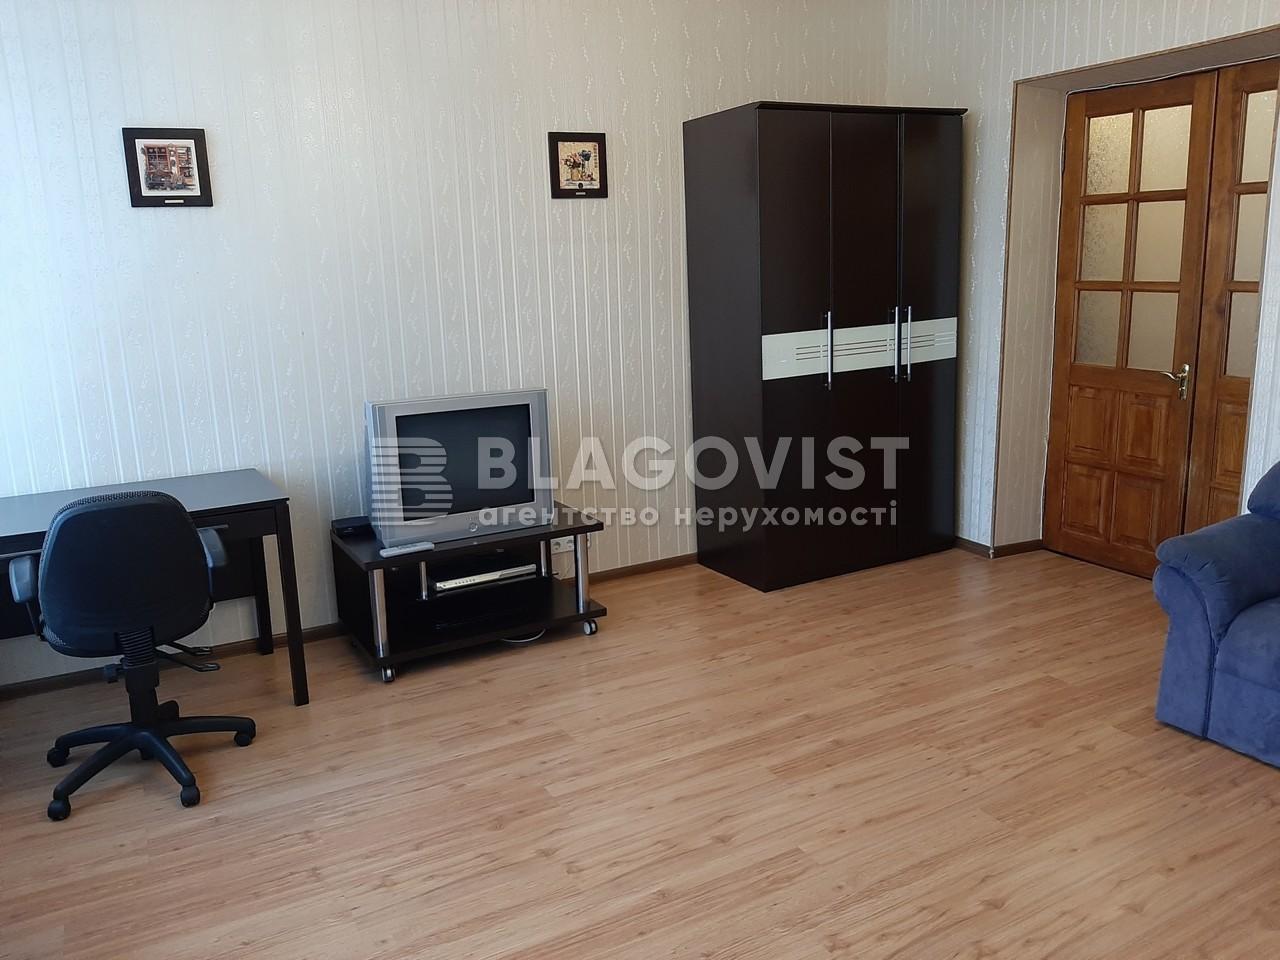 Квартира P-29595, Панаса Мирного, 2/44, Киев - Фото 7